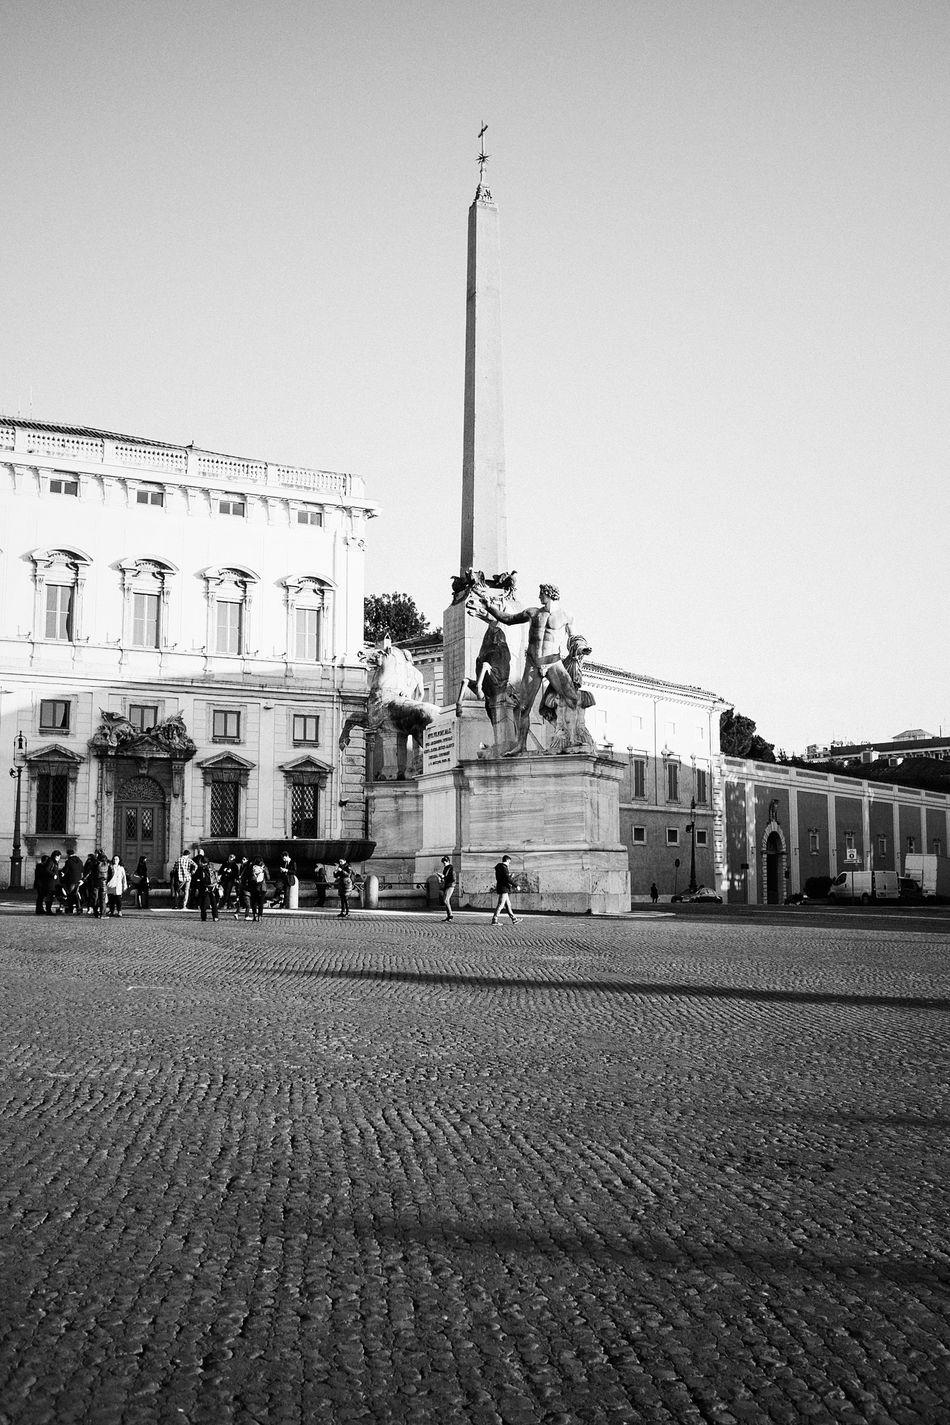 Quirinal fountain // Blackandwhite Monochrome_Monday Monochrome Black & White Vscocam VSCO Fuji X100s FUJIFILM X100S X100S Obelisk